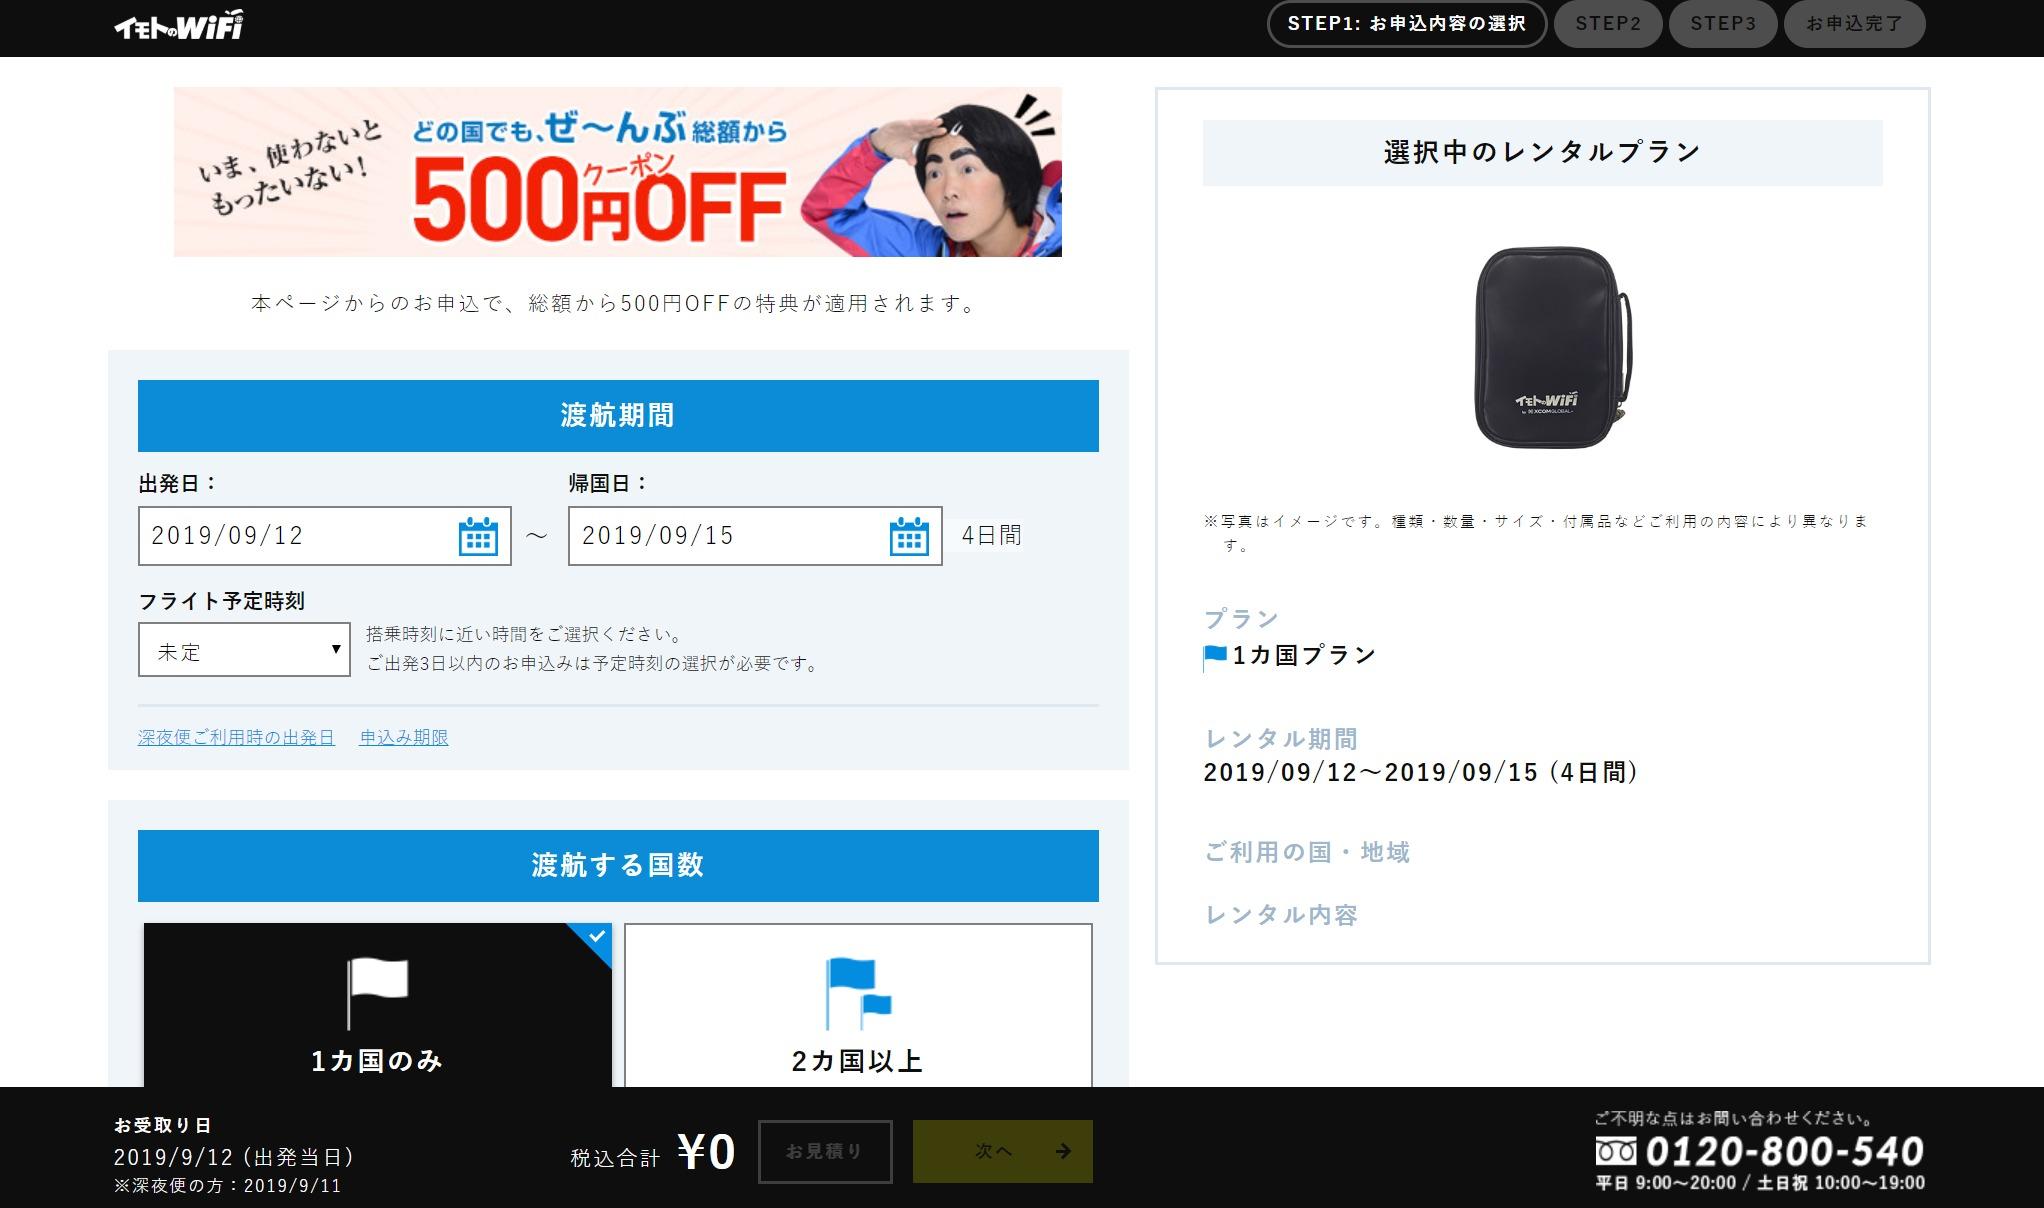 イモトのWi-Fiの申し込み画面